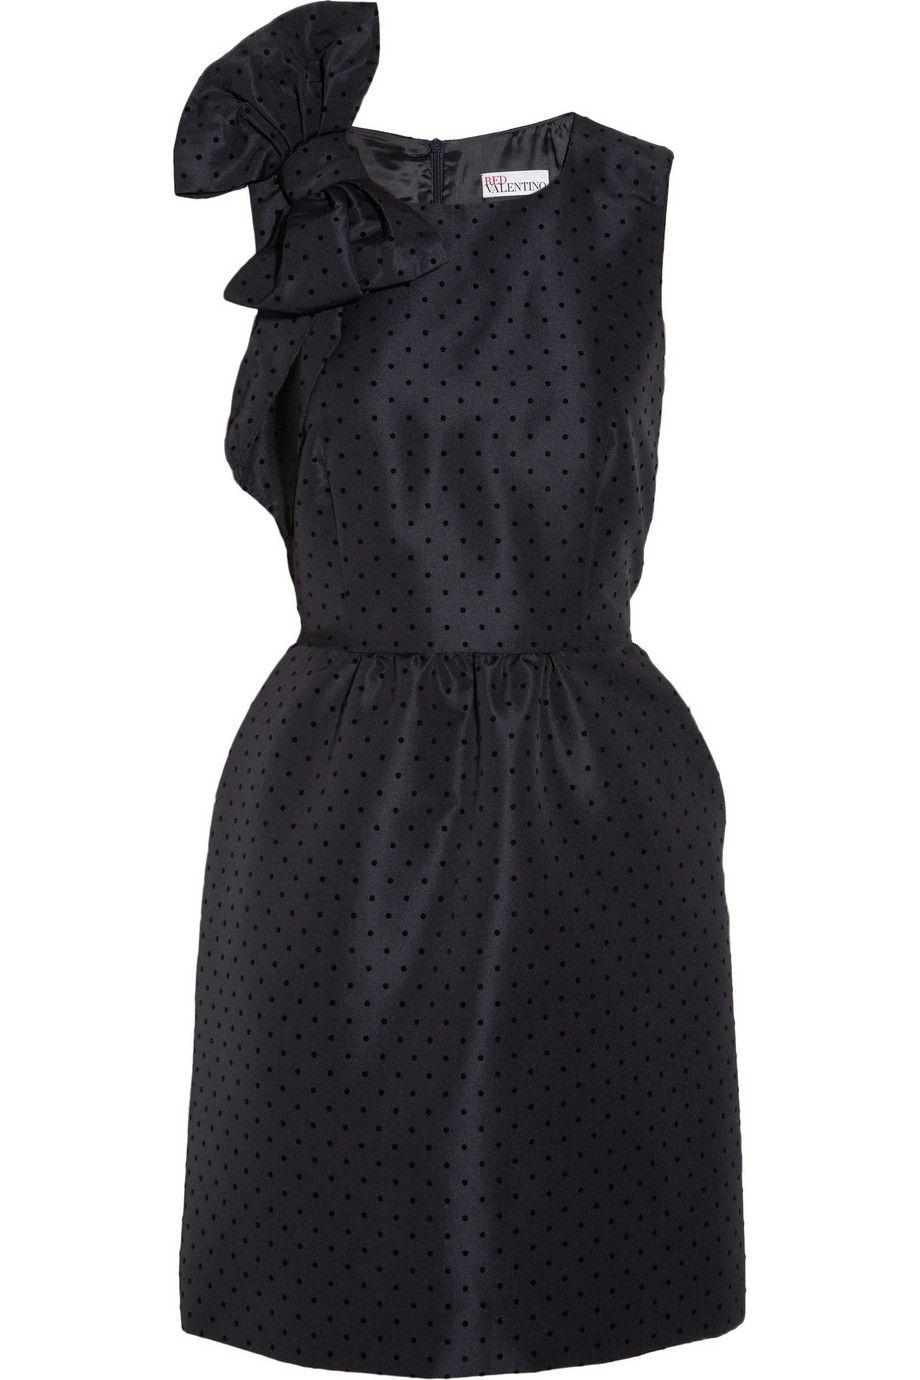 REDValentinoFlocked polka-dot faille dress